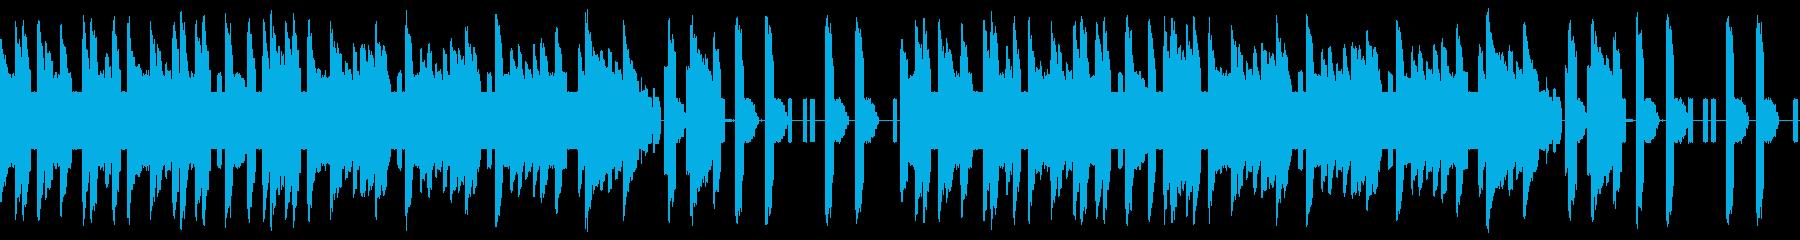 FC風ループ 結果の発表の再生済みの波形